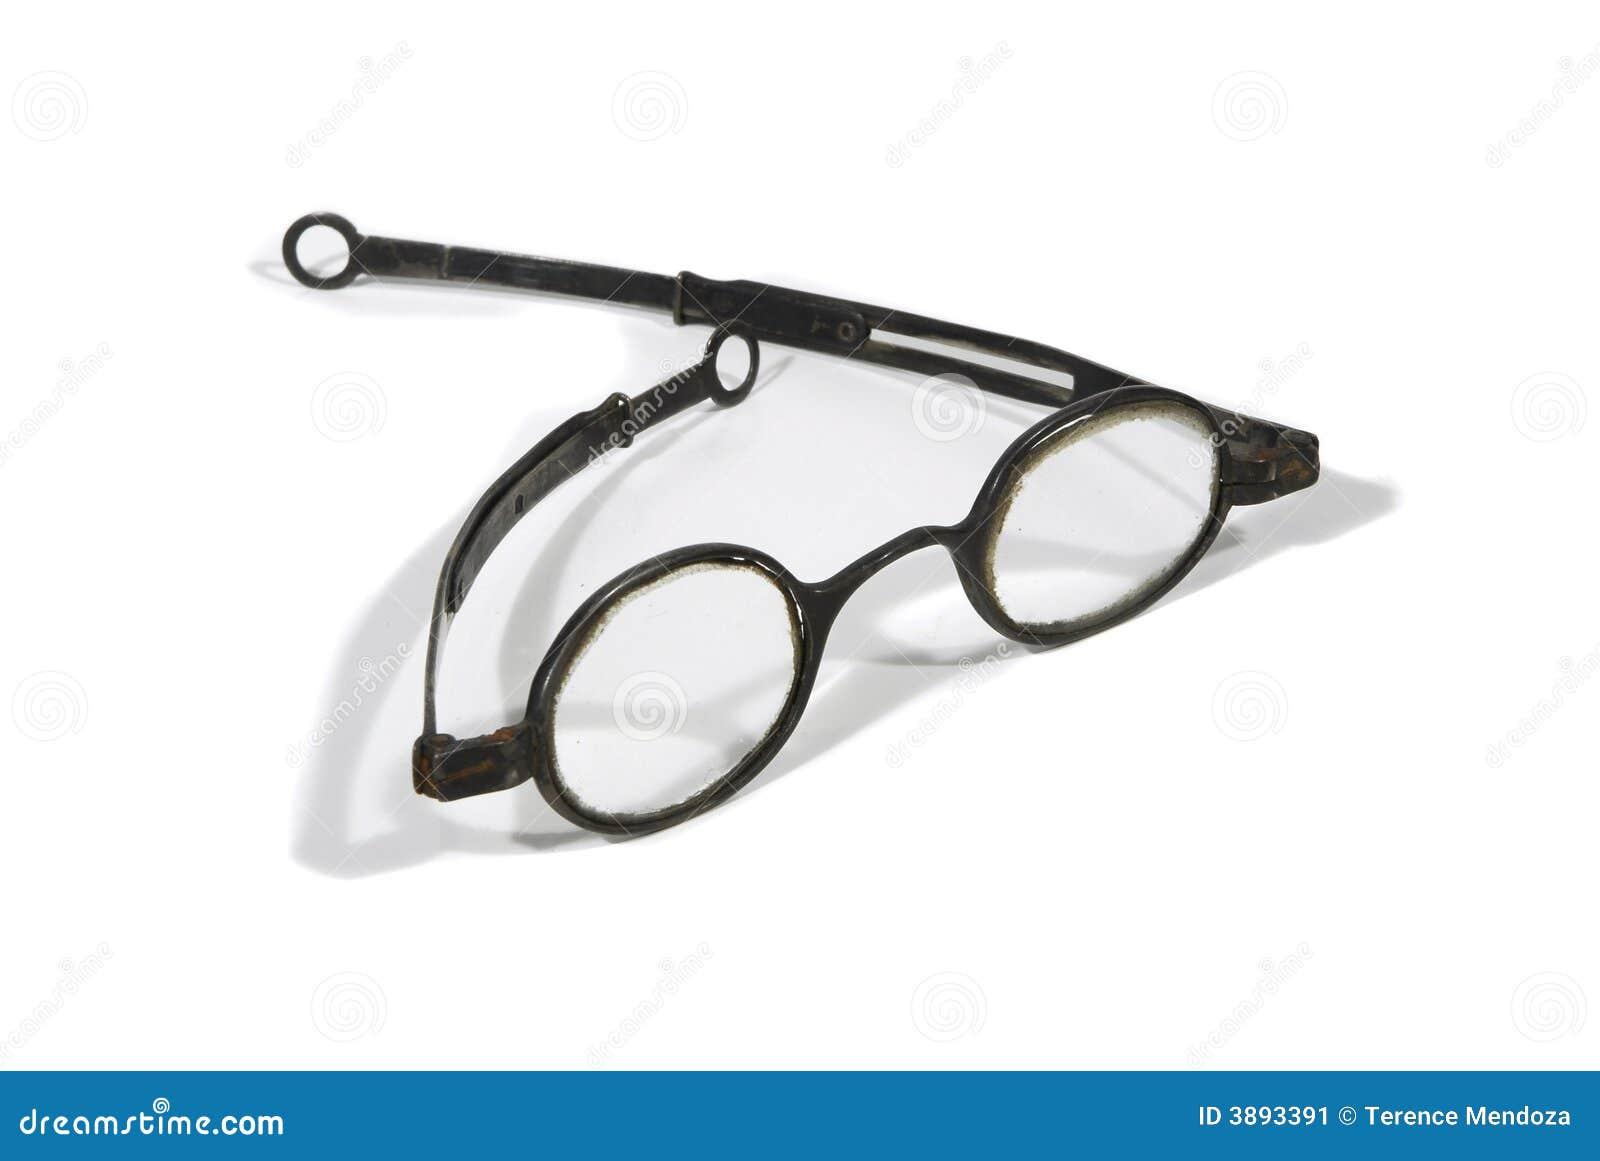 Gafas redondas antiguas foto de archivo. Imagen de académico - 3893388